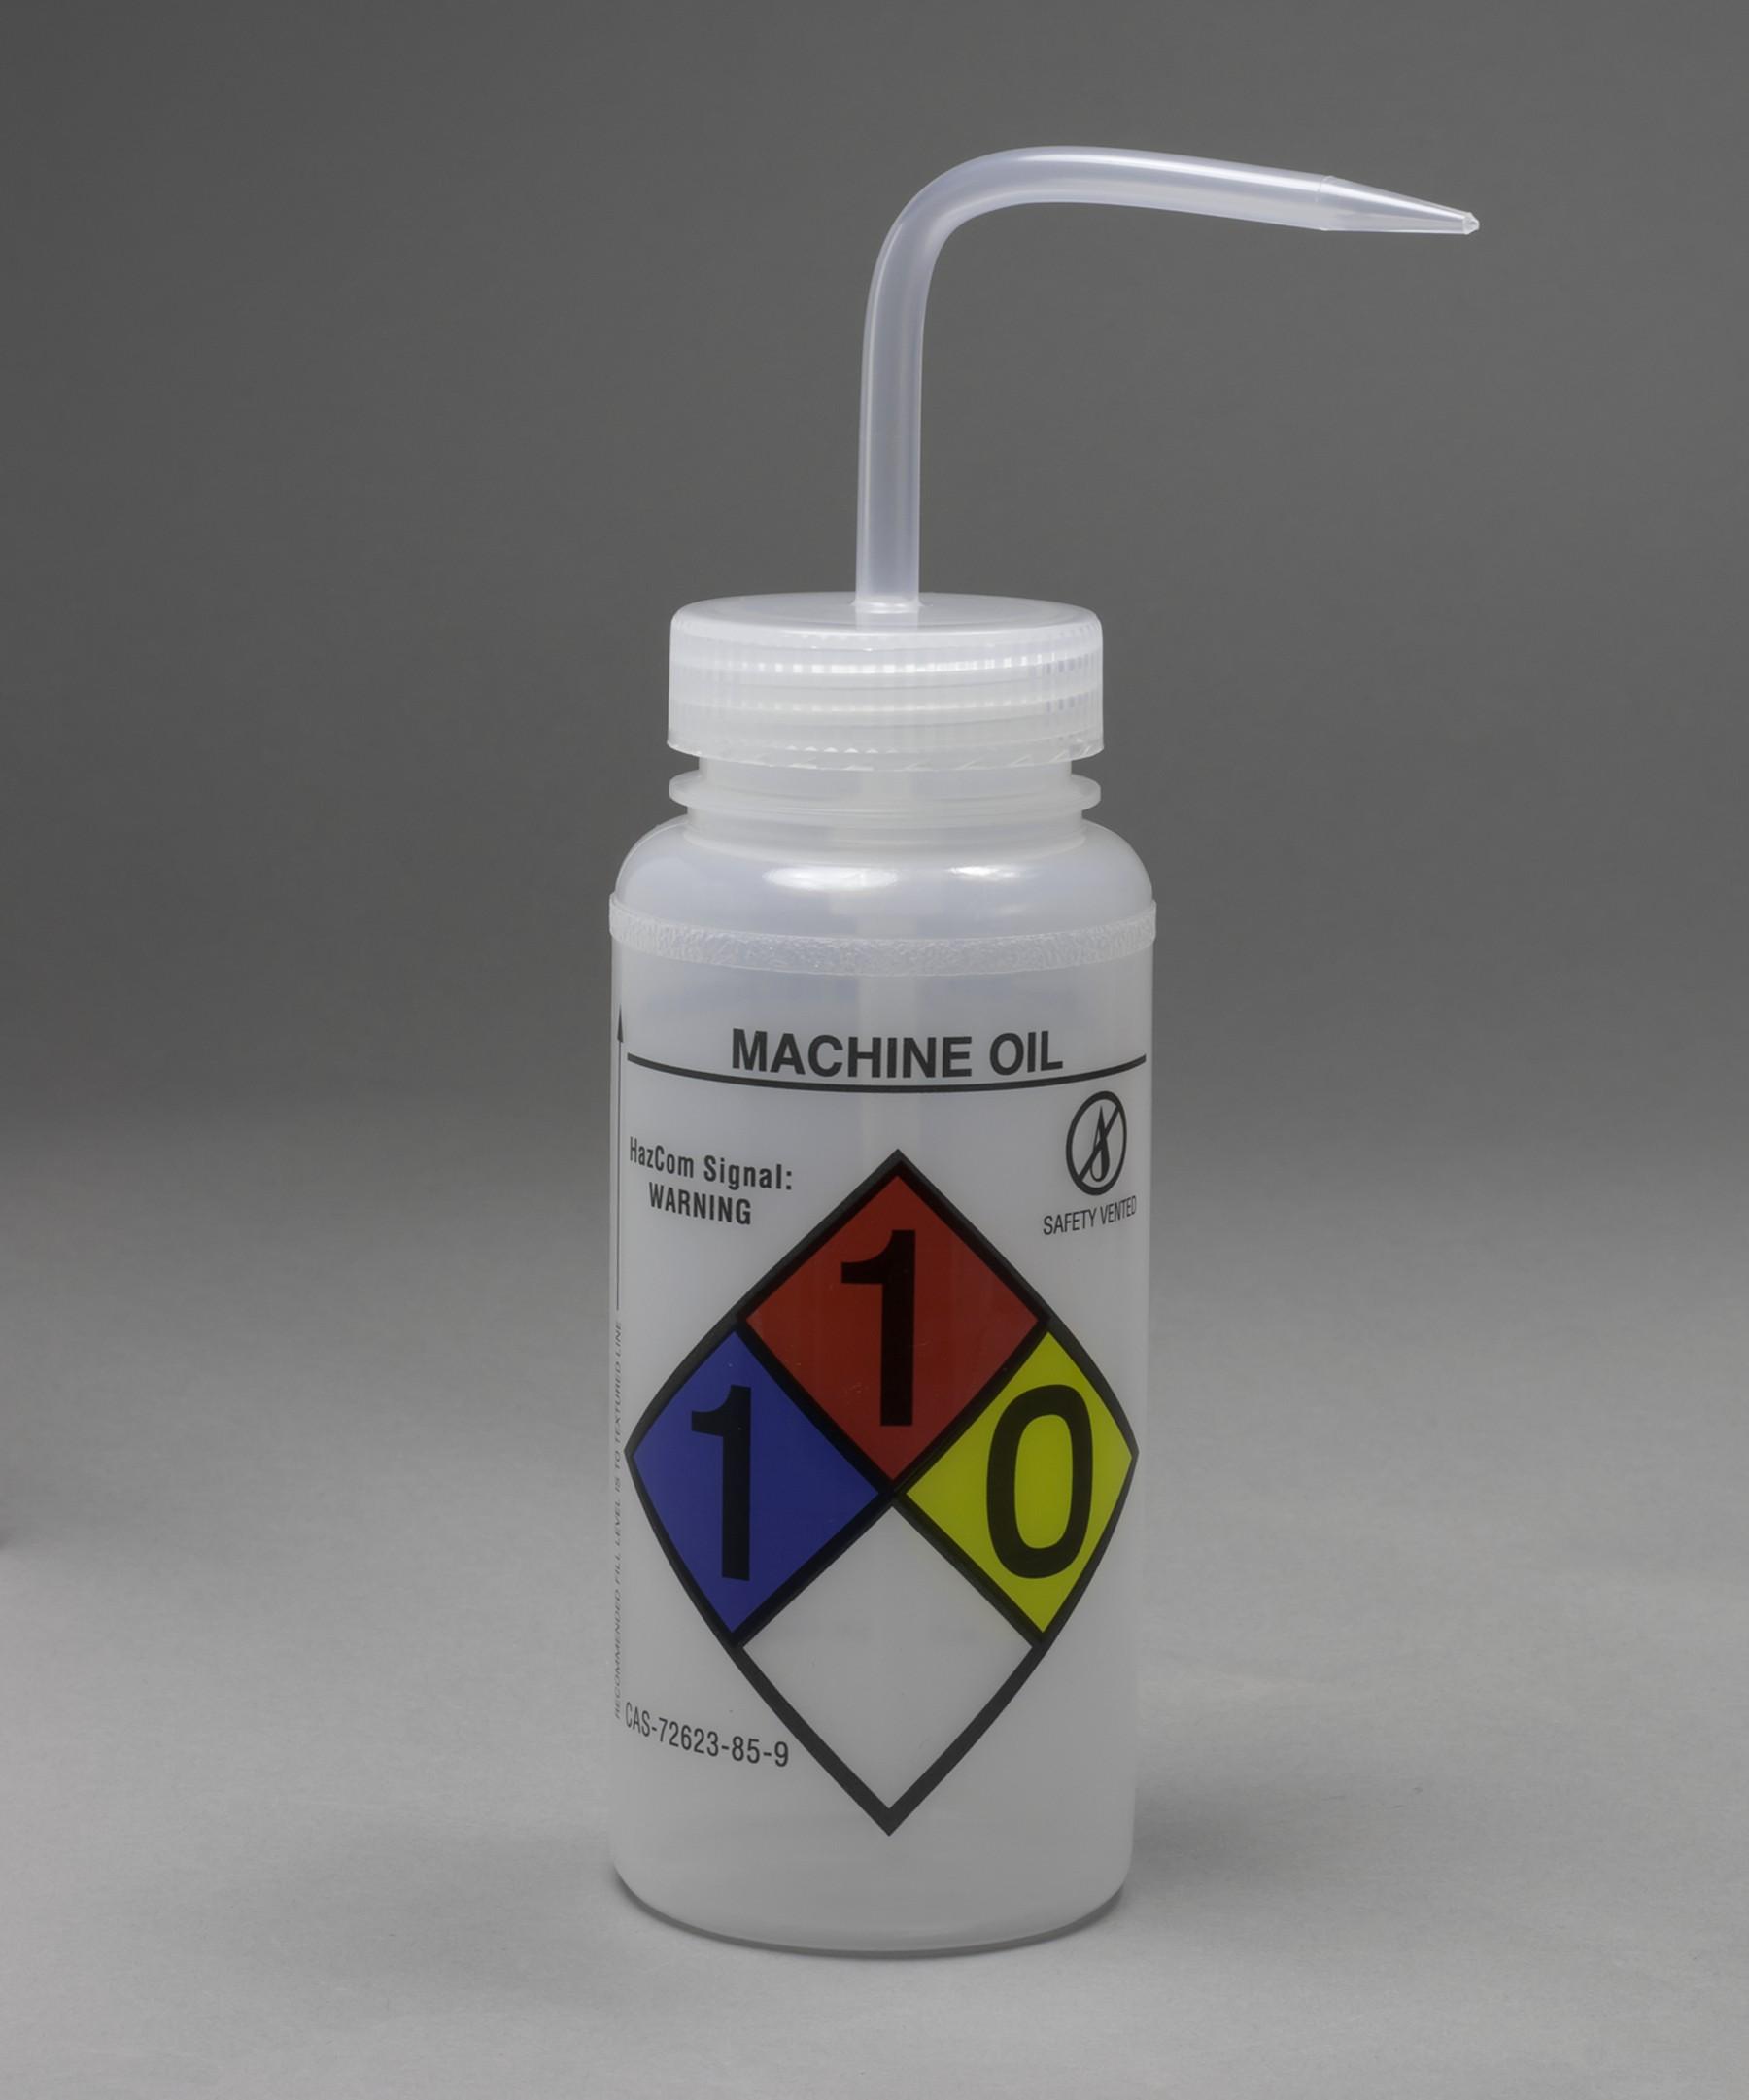 Bel-Art GHS Labeled Safety-Vented Machine Oil Wash Bottles